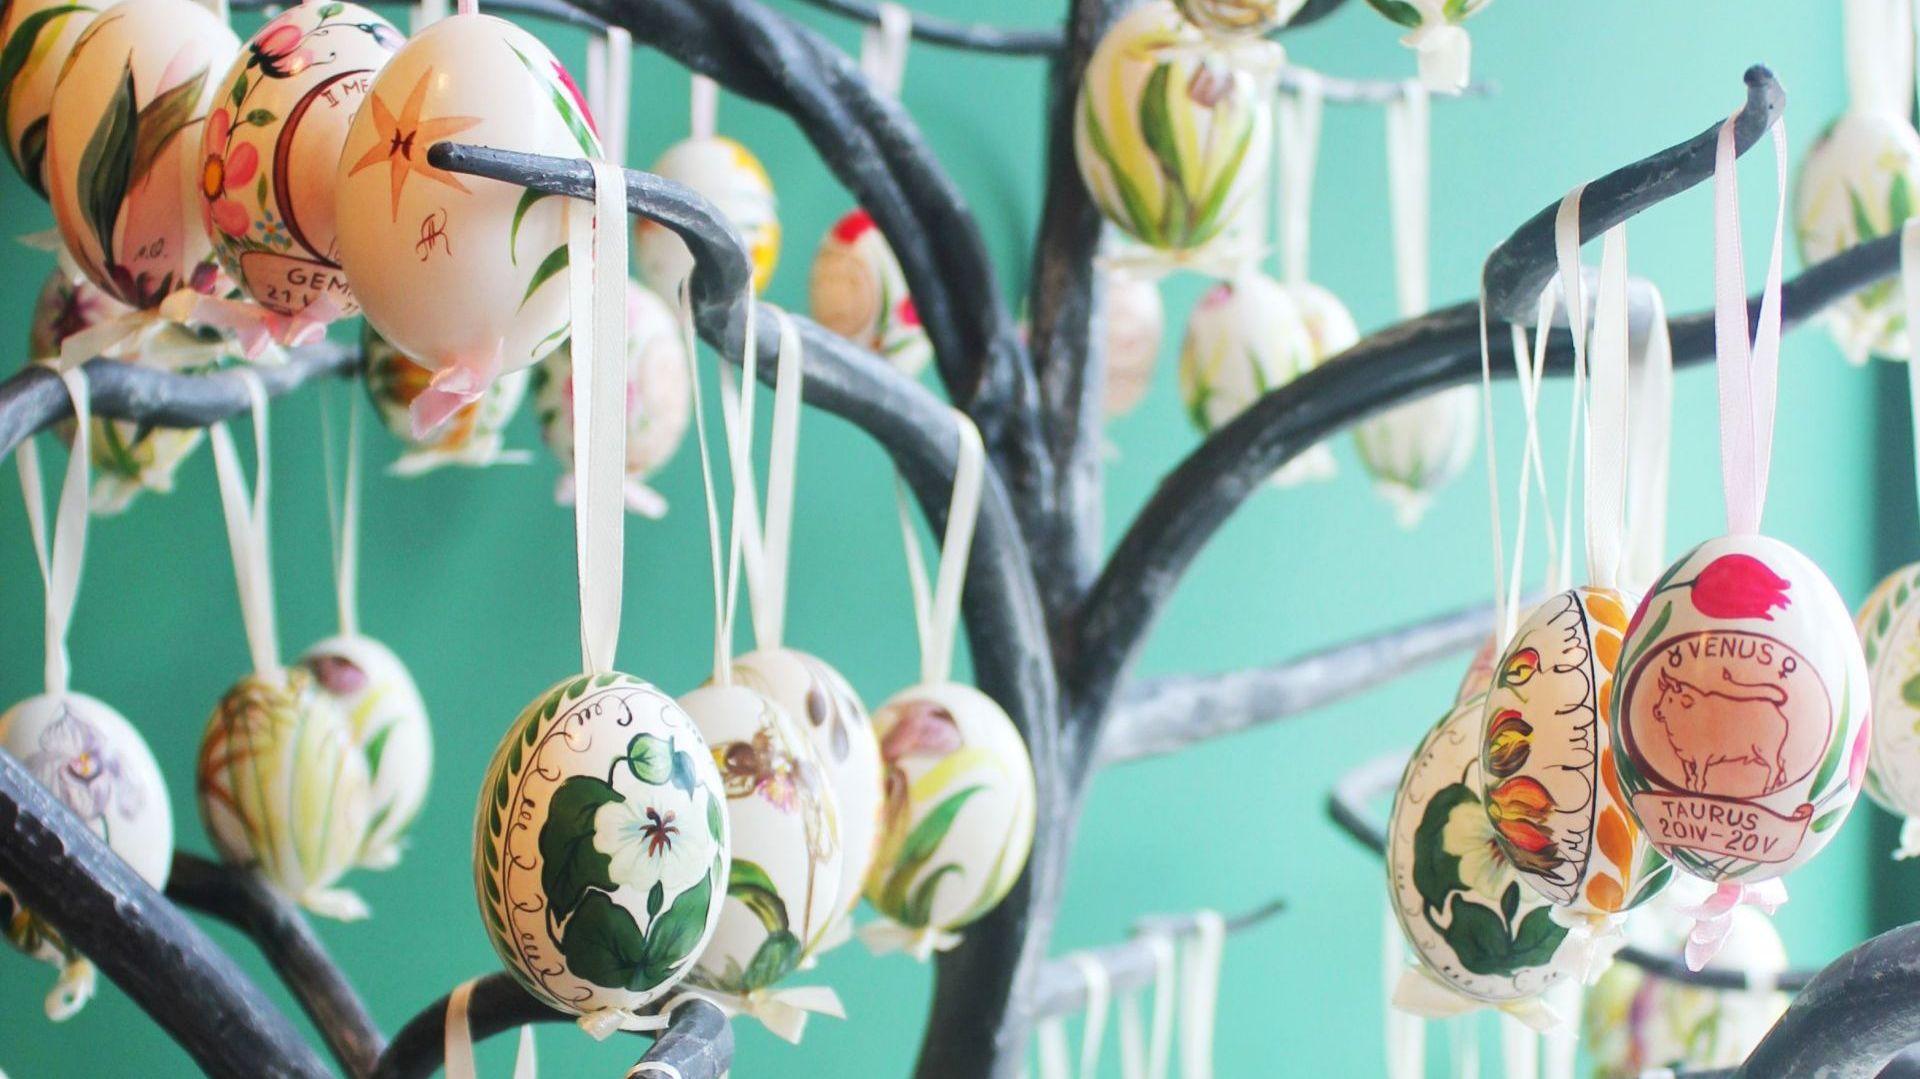 Pisanki na wydmuszkach kaczych jaj malowane w kwiaty. Fot. Bombkarnia